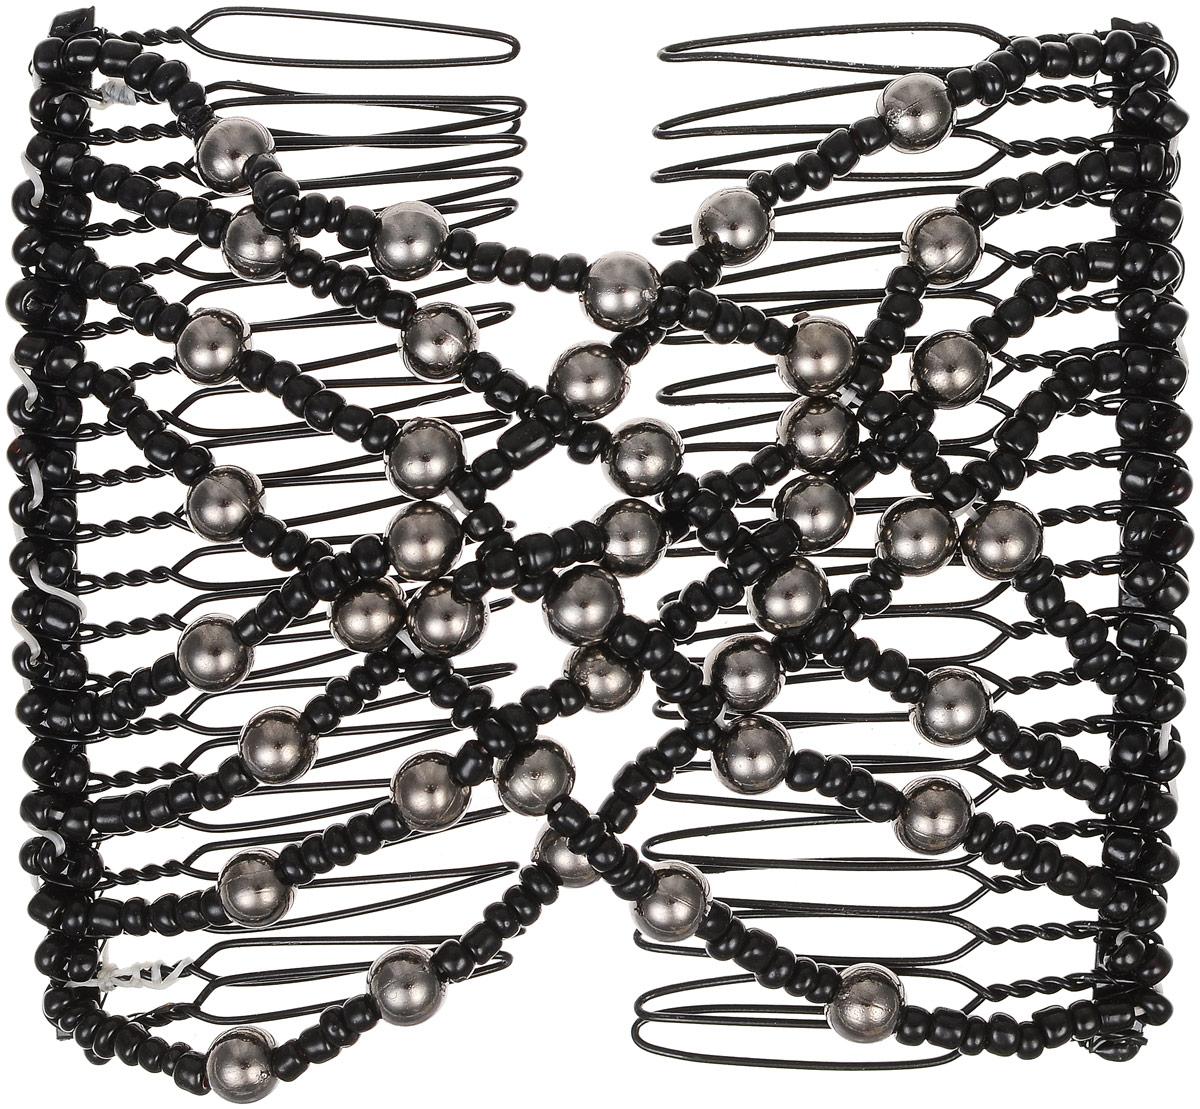 EZ-Combs Заколка Изи-Комбс, одинарная, цвет: черный, серебристый. ЗИО ez combs заколка изи комбс одинарная цвет сиреневый серебристый зио